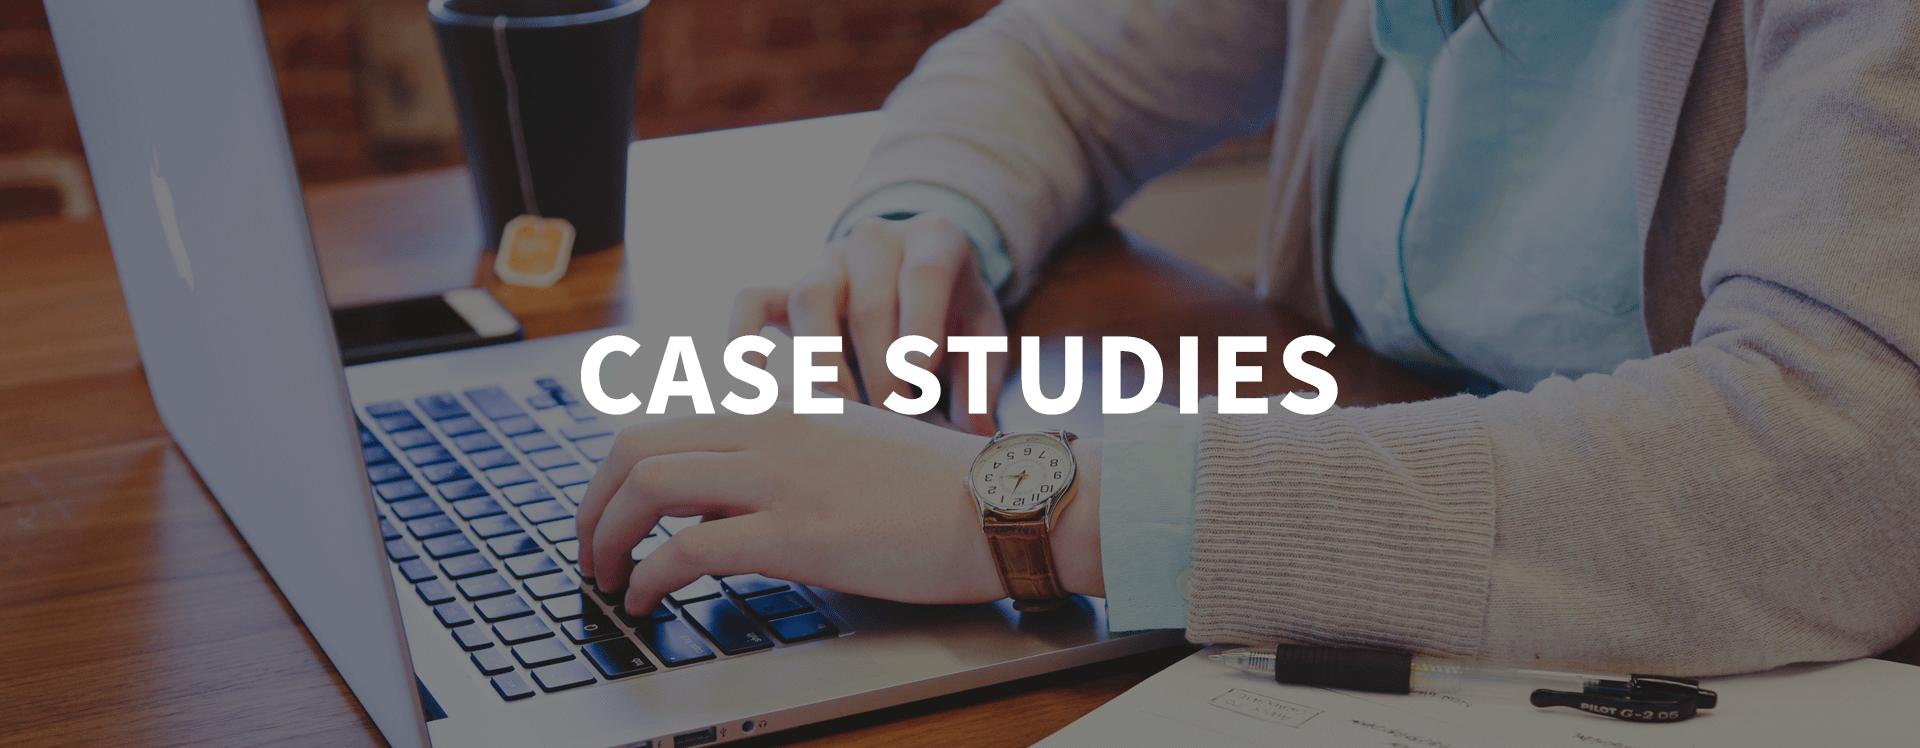 case-studies-1.png